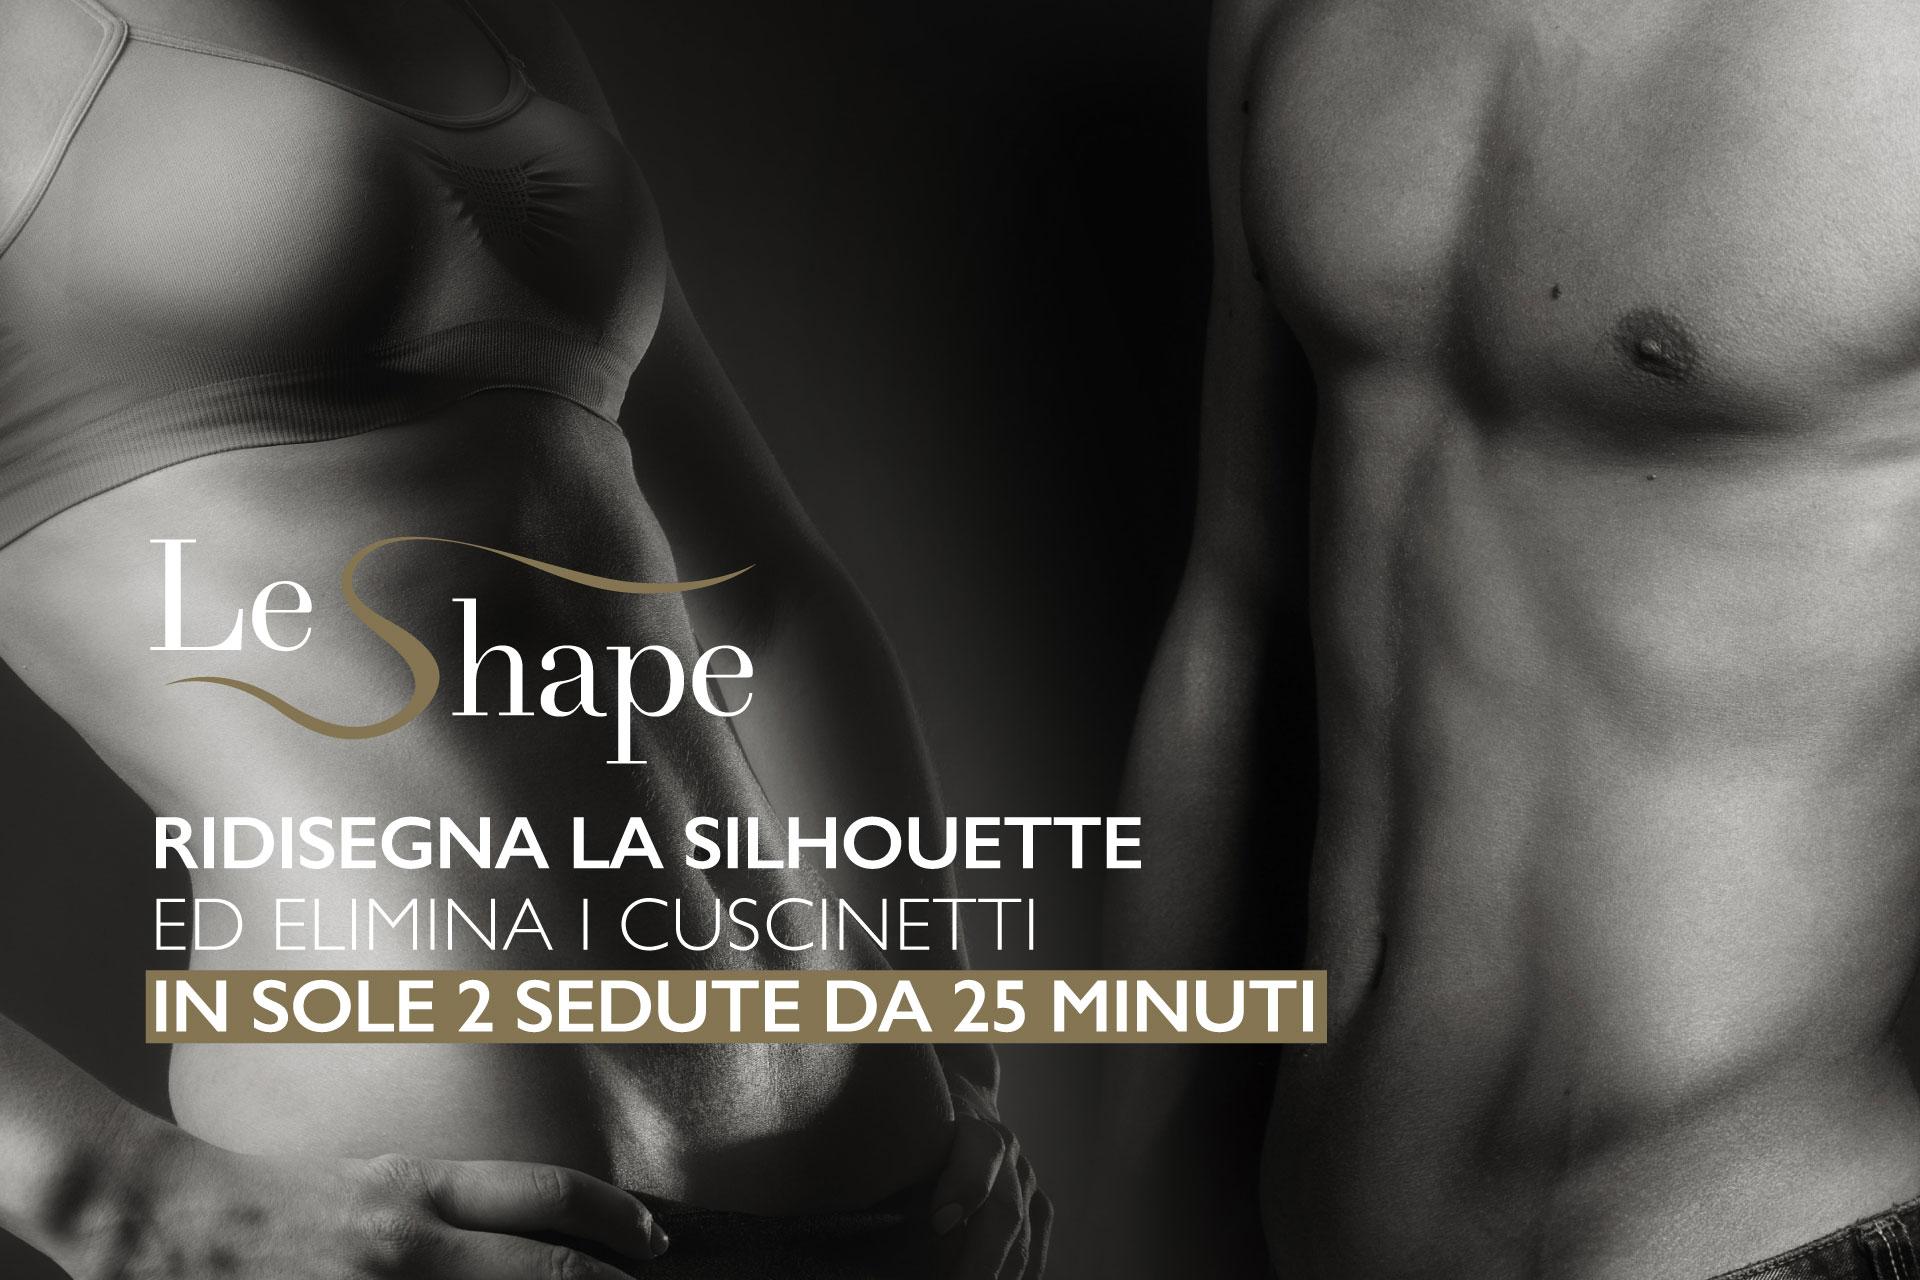 LE SHAPE - LA LIPOSCULTURA NON CHIRURGICA